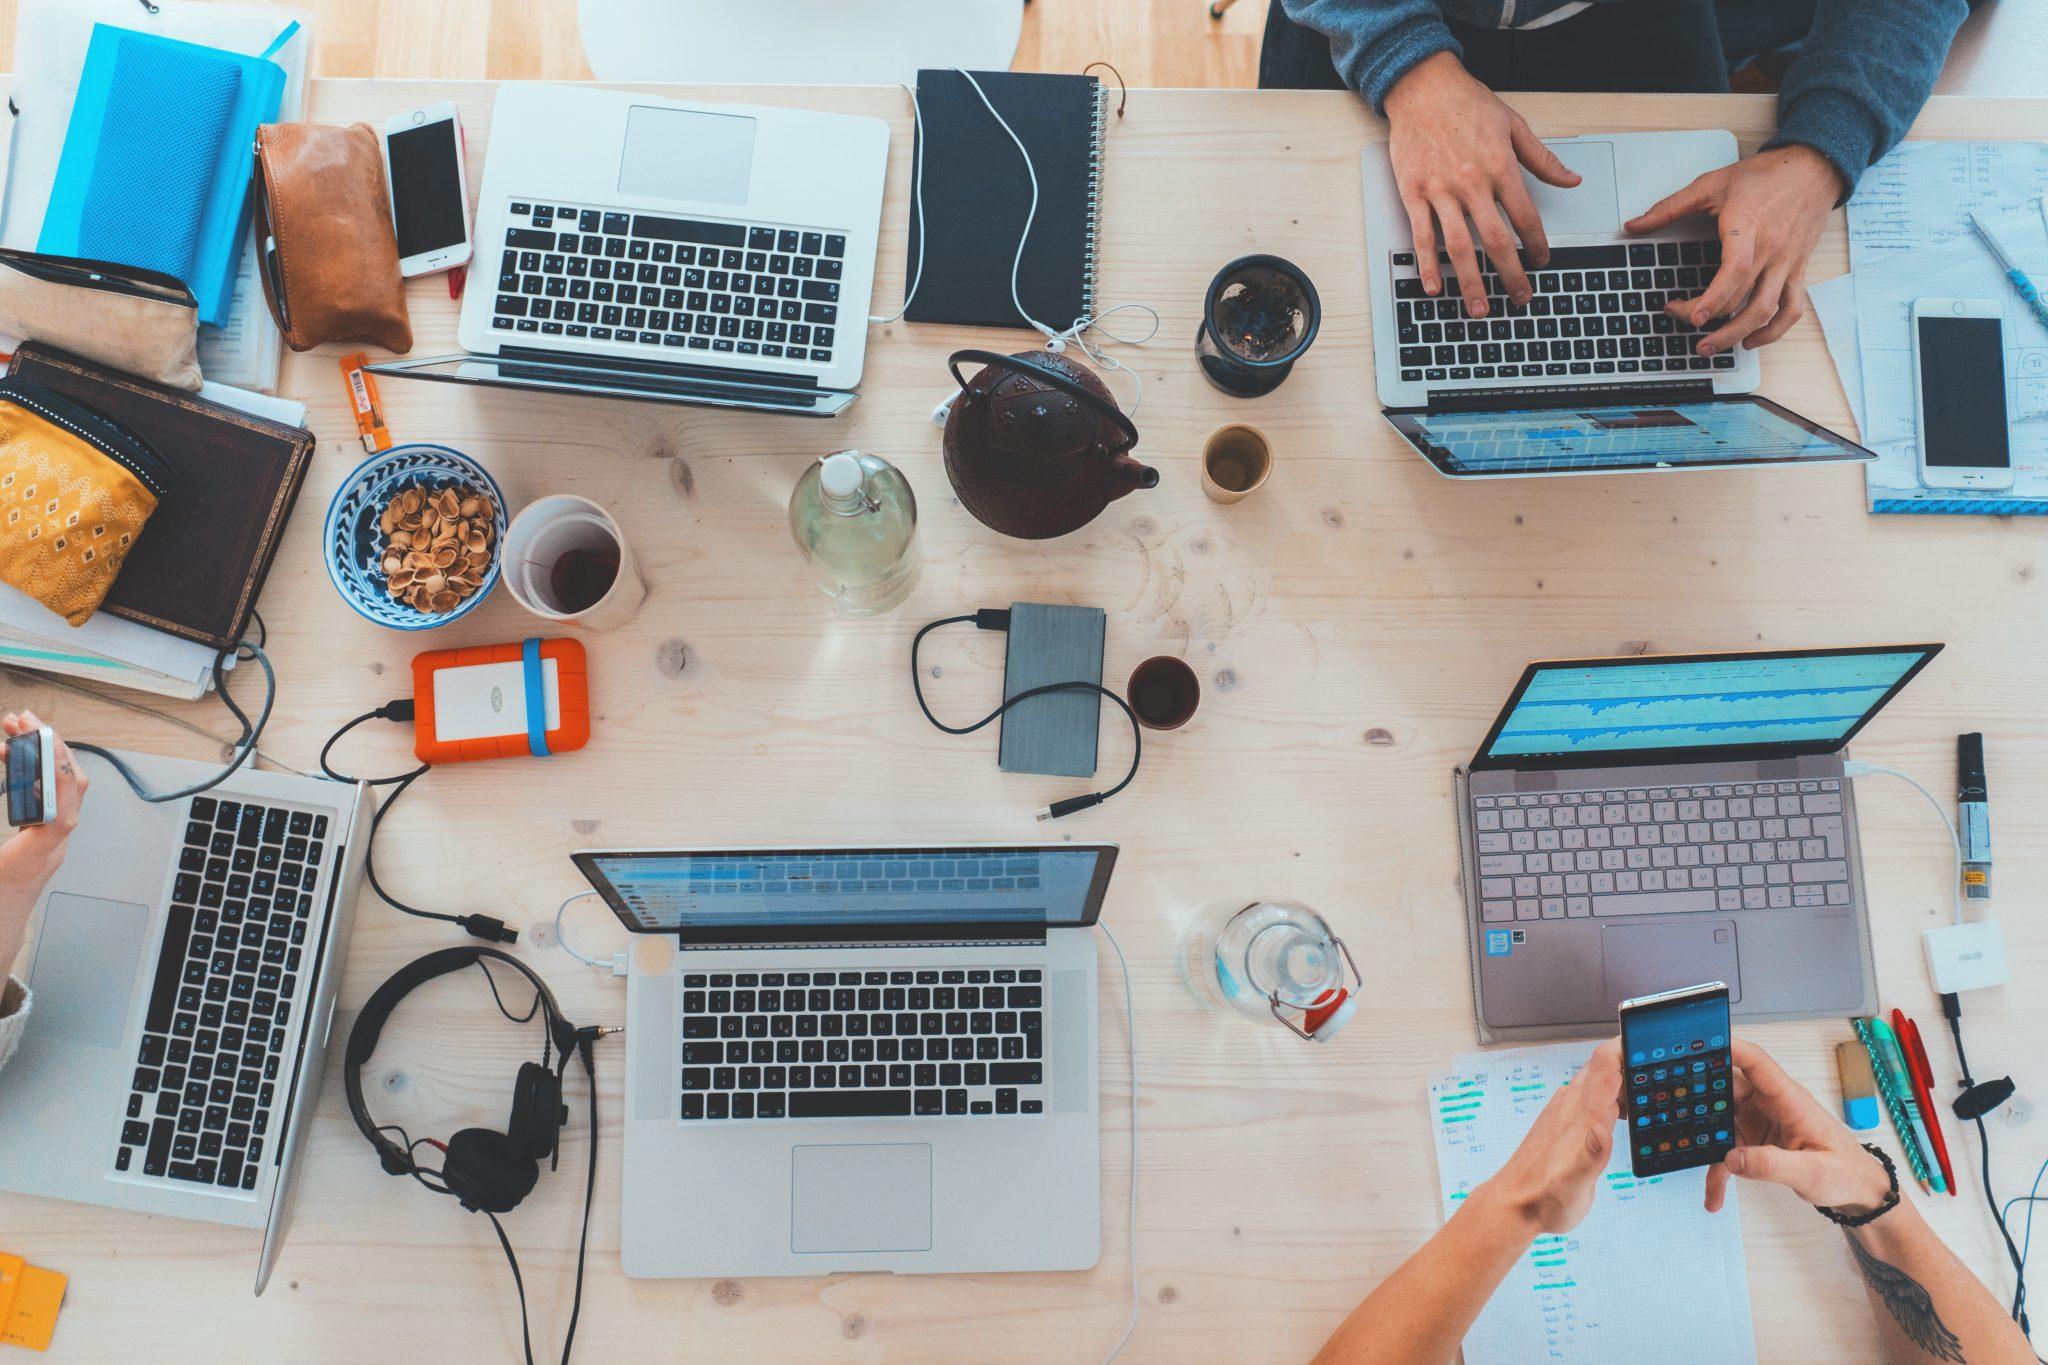 Ihmisiä työpöydän äärellä, paljon tietokoneita ja puhelimia.